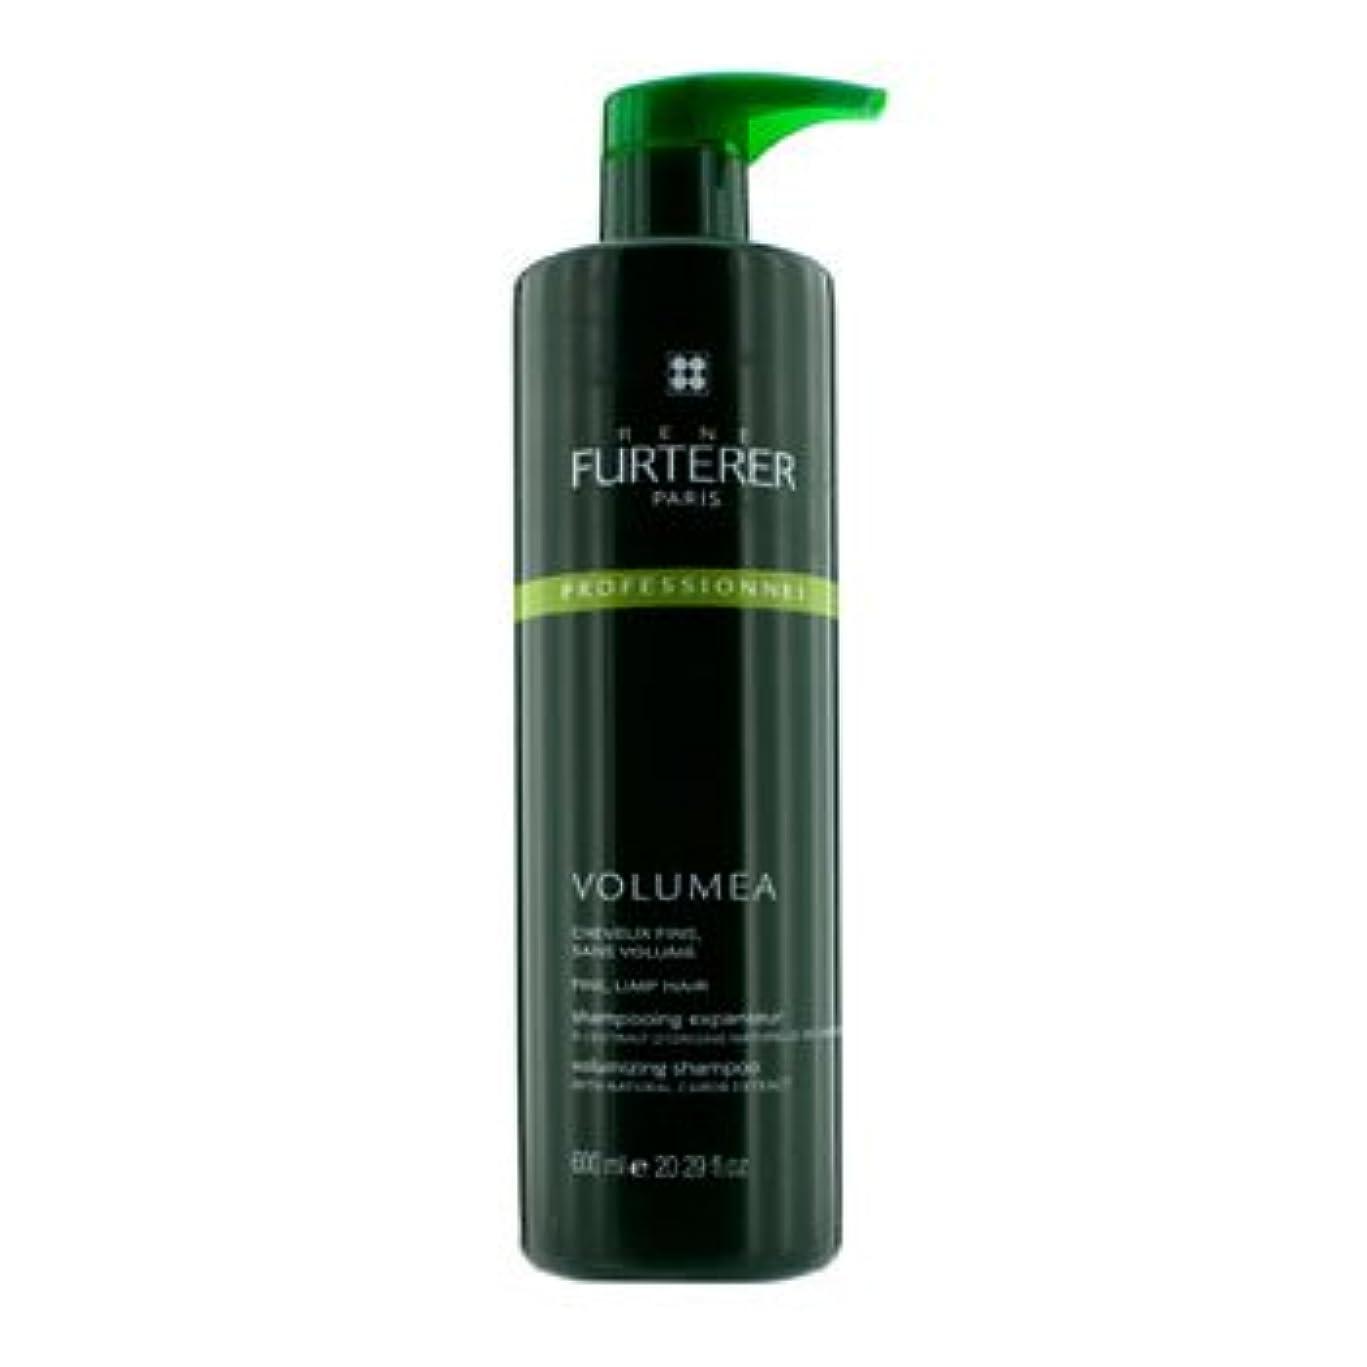 いちゃつく同じパスタ[Rene Furterer] Volumea Volumizing Shampoo (For Fine and Limp Hair) 600ml/20.29oz